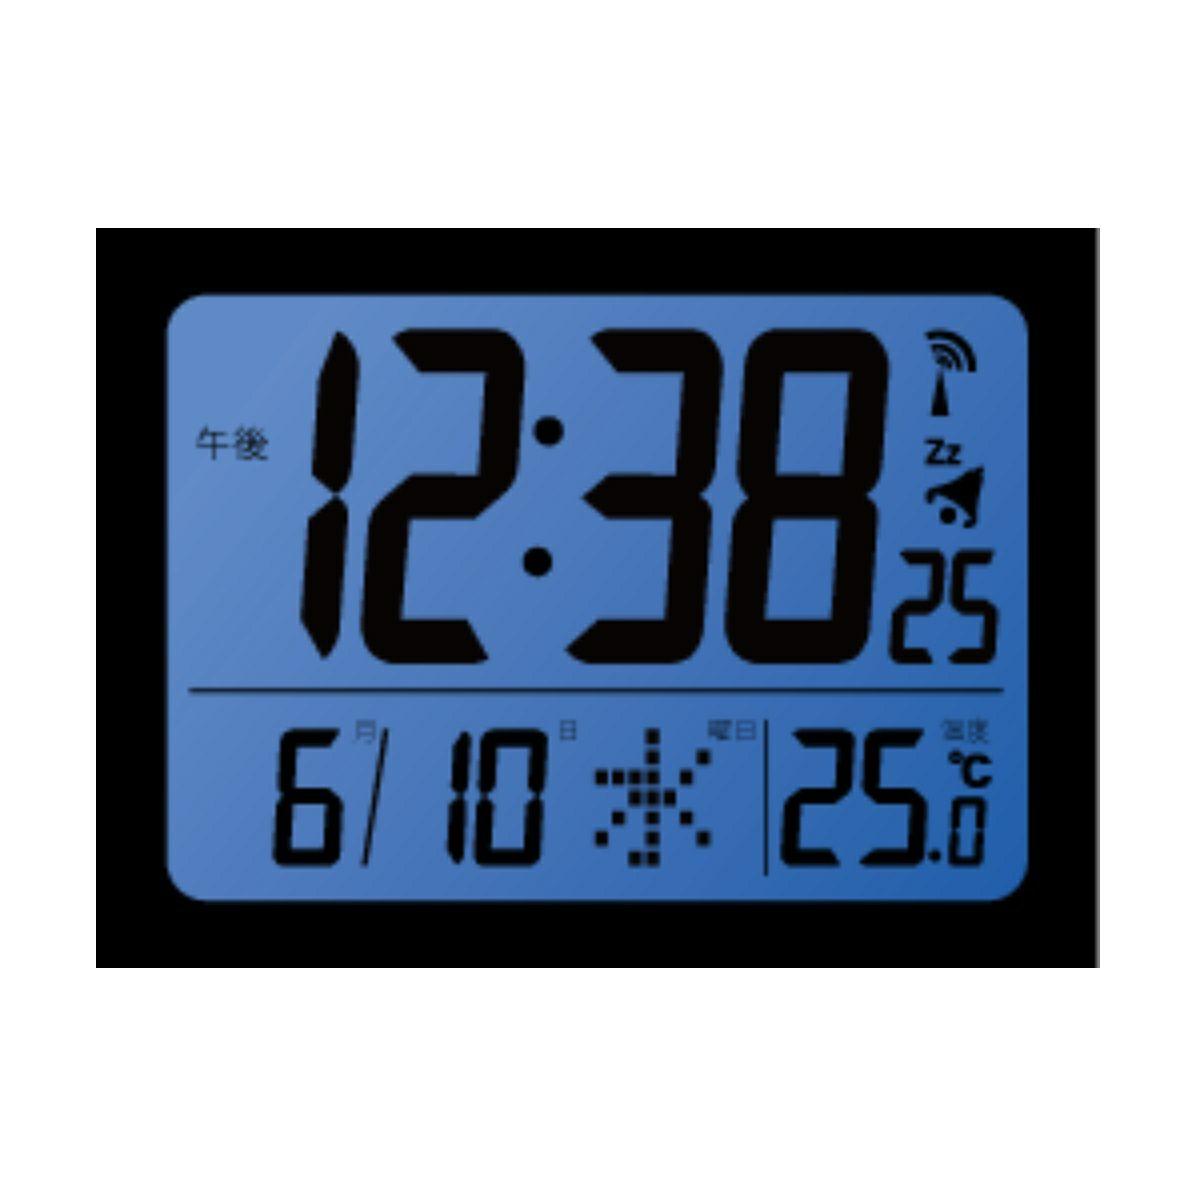 ≪メーカー直販≫ MAG(マグ) デジタル ミニ 電波時計 置時計 目覚まし時計 温度 カレンダー ライト付き コードロン T-761 10cm ホワイト 1台 薄型 寝室 シンプル 見やすい